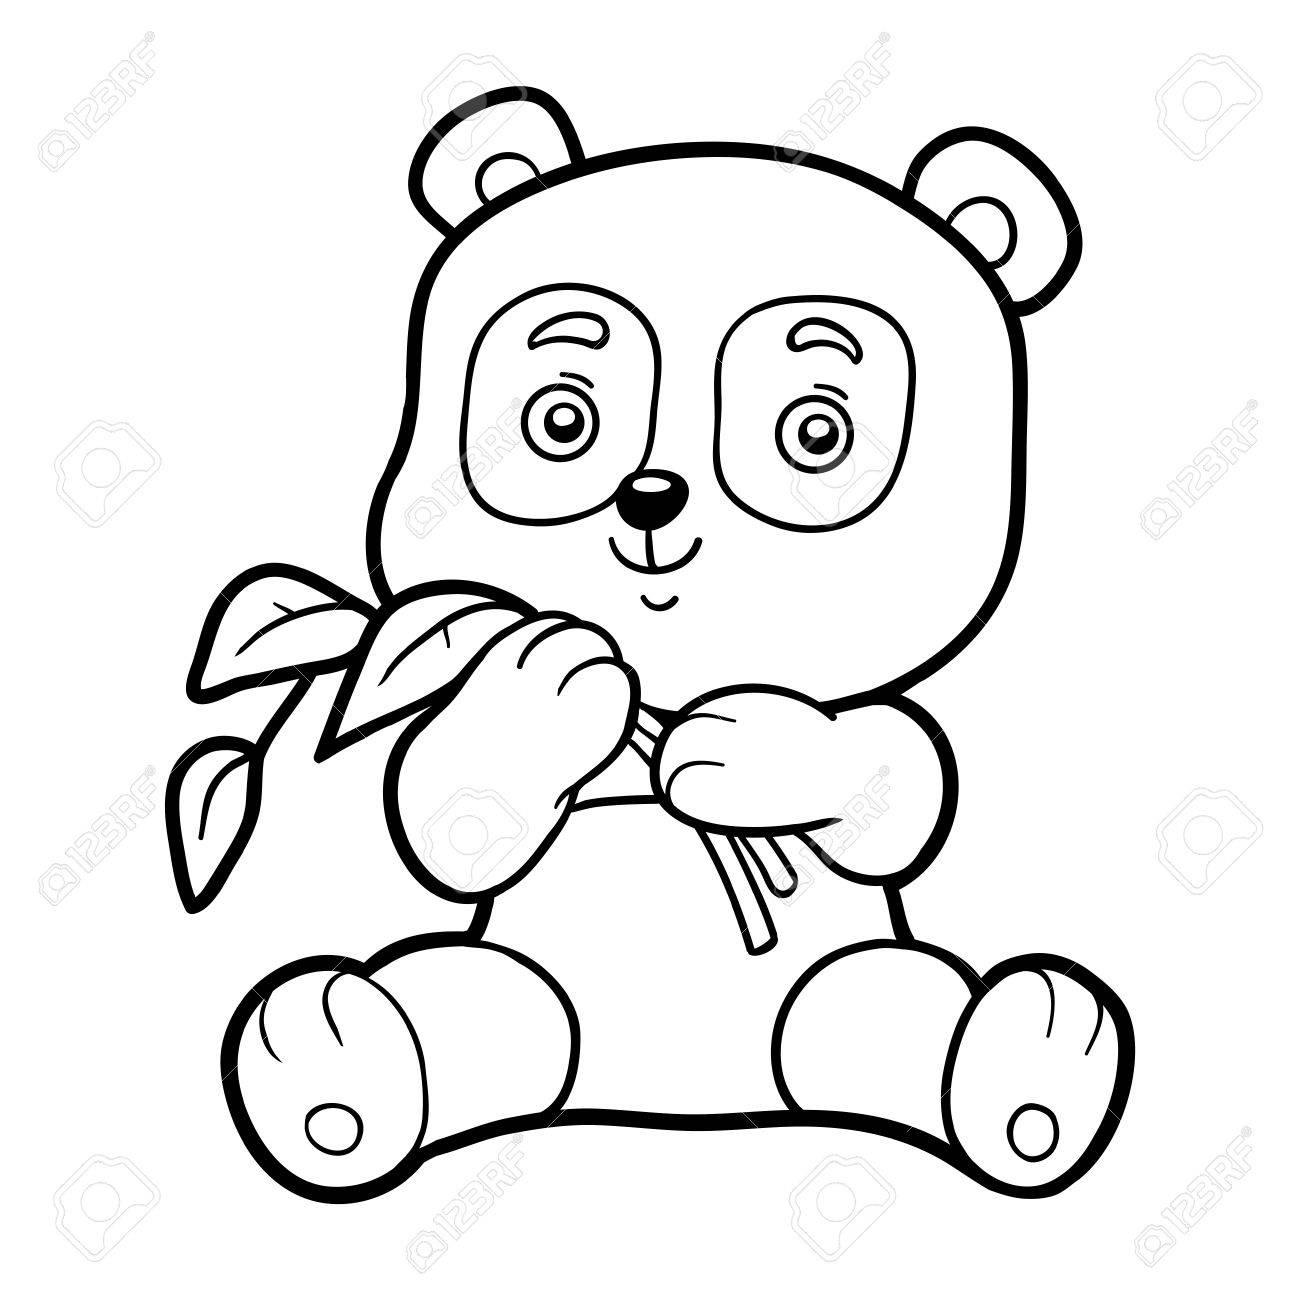 Malbuch Für Kinder Malvorlagen Mit Kleinen Panda Lizenzfrei